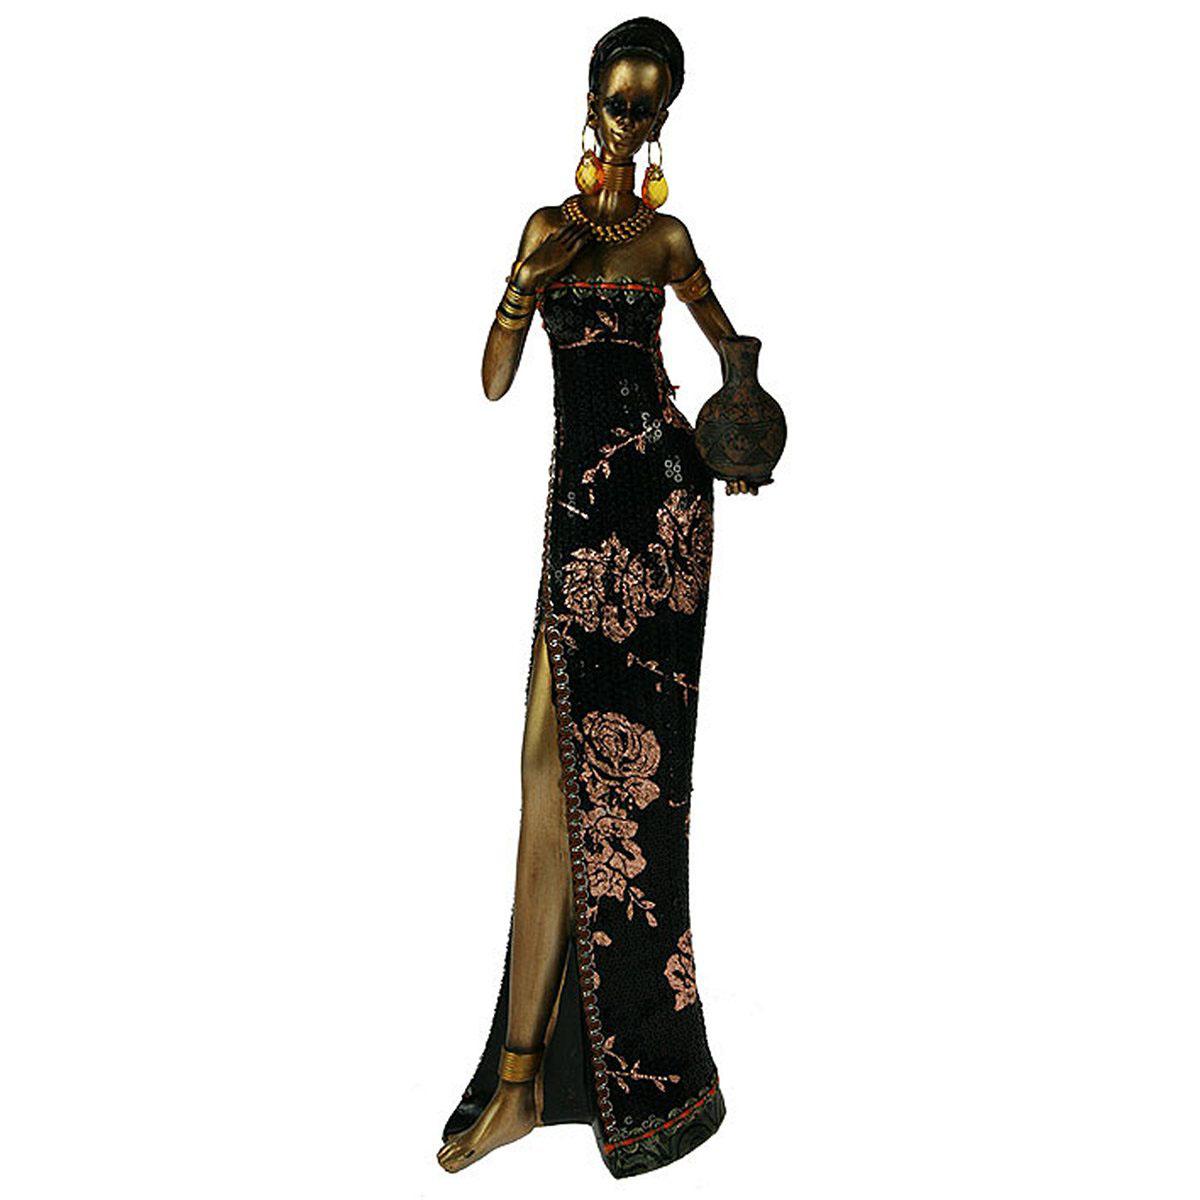 Статуэтка Русские Подарки Африканка, 14 х 8 х 43 см. 2612626126Статуэтка Русские Подарки Африканка, изготовленная из полистоуна, имеет изысканный внешний вид. Изделие станет прекрасным украшением интерьера гостиной, офиса или дома. Вы можете поставить статуэтку в любое место, где она будет удачно смотреться и радовать глаз. Правила ухода: регулярно вытирать пыль сухой, мягкой тканью.